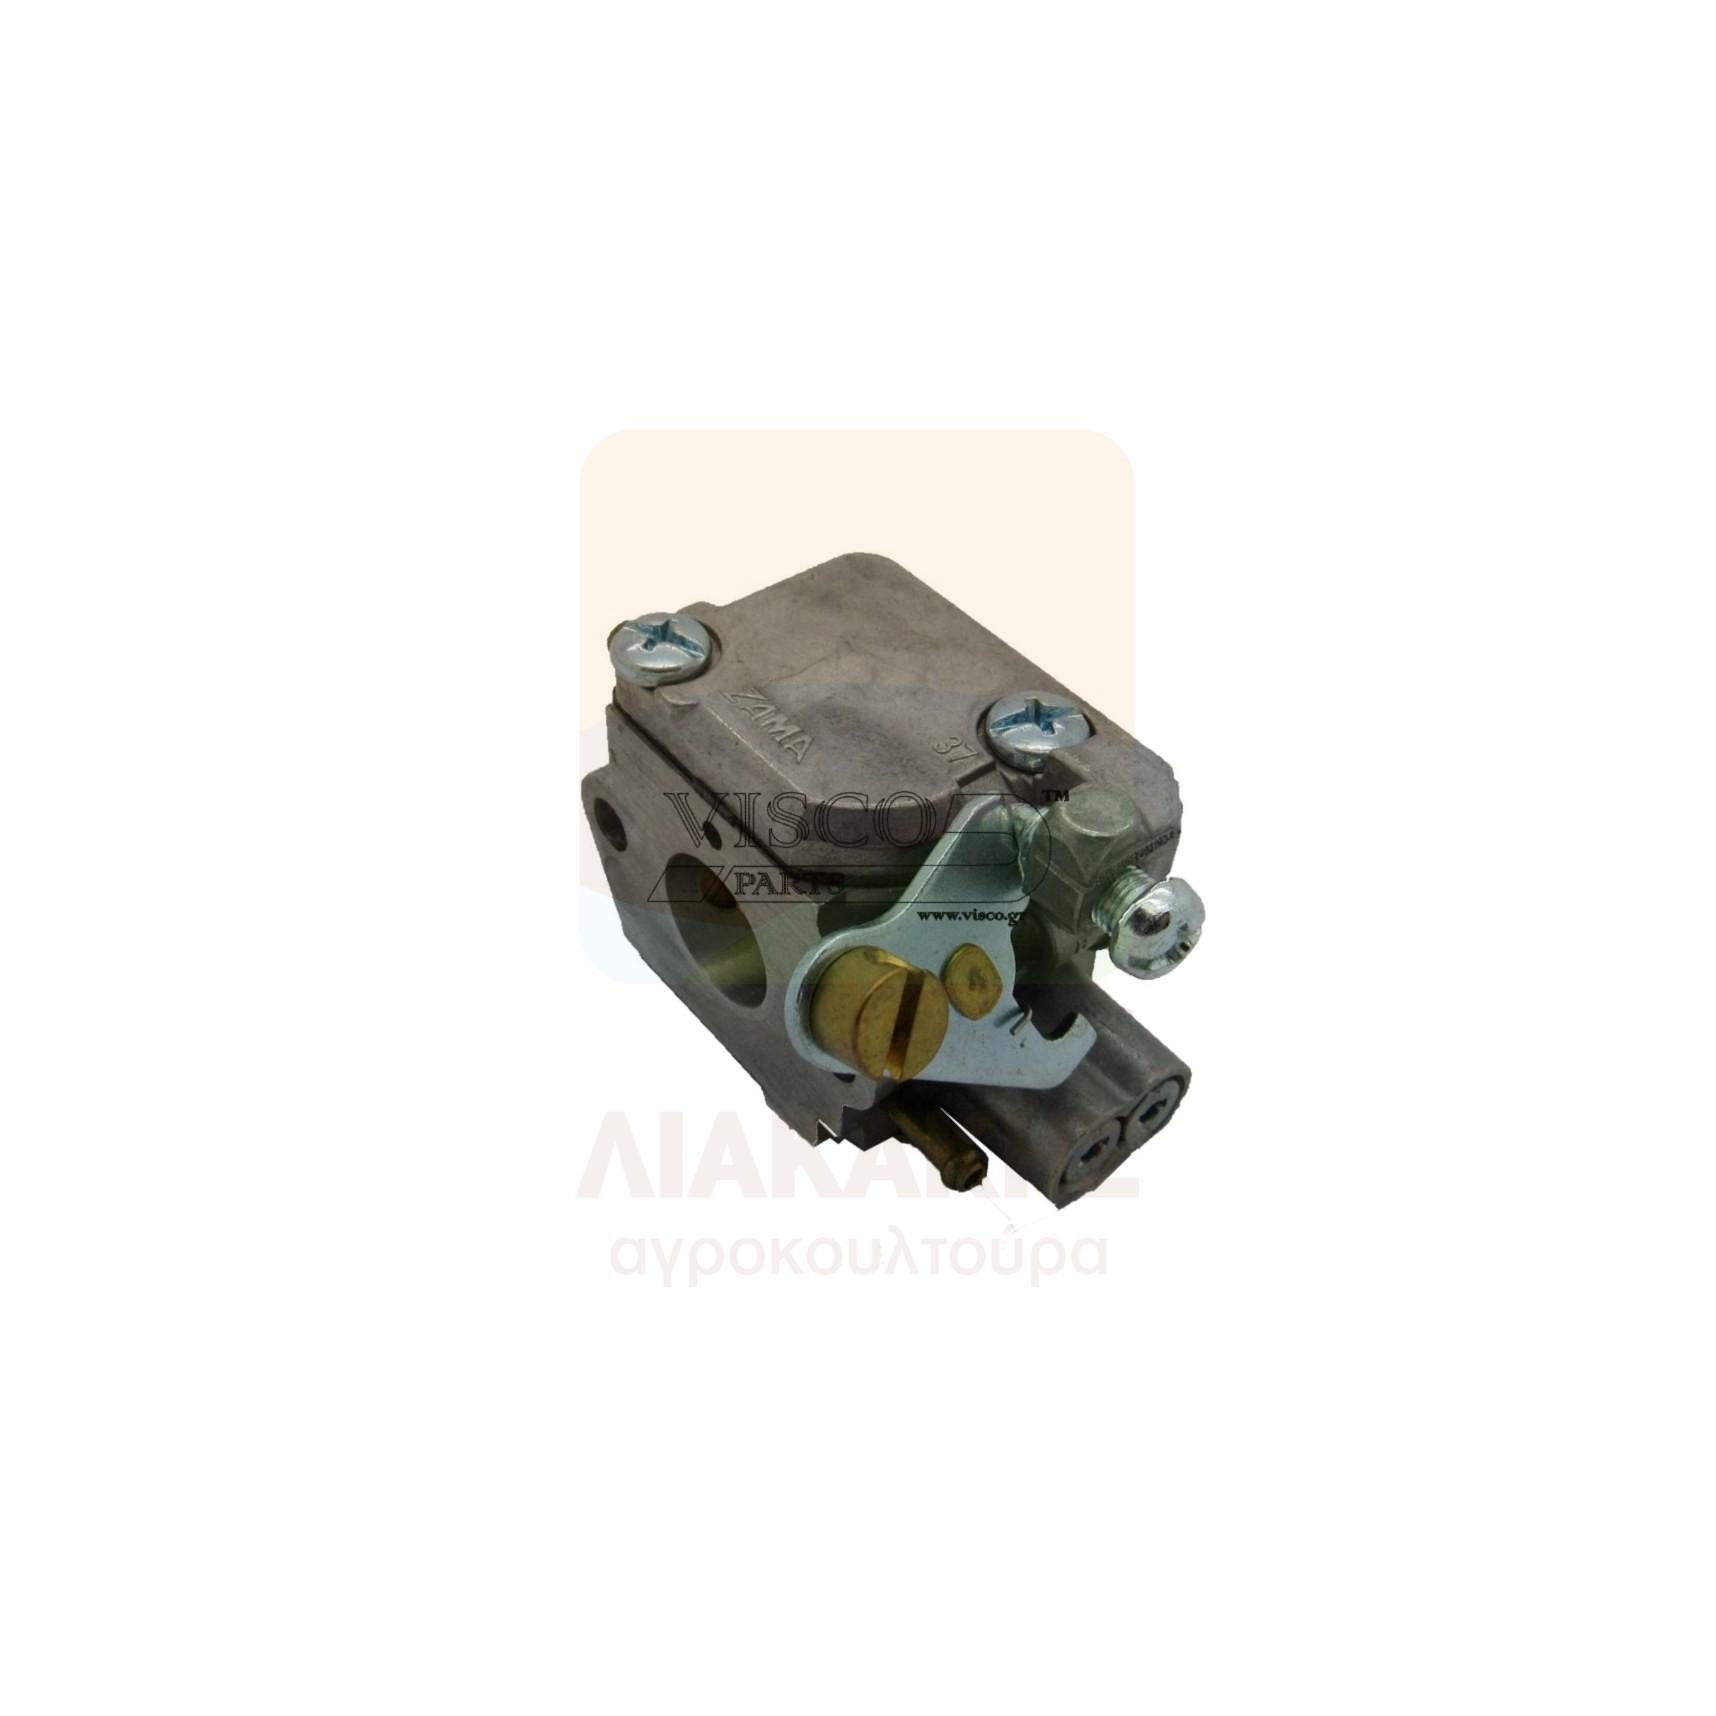 ΚΑΡ-055 Καρμπυρατέρ OLEOMAC SPARTA 37-42- EFCO STARK 37-42 ZAMA ORIGINAL